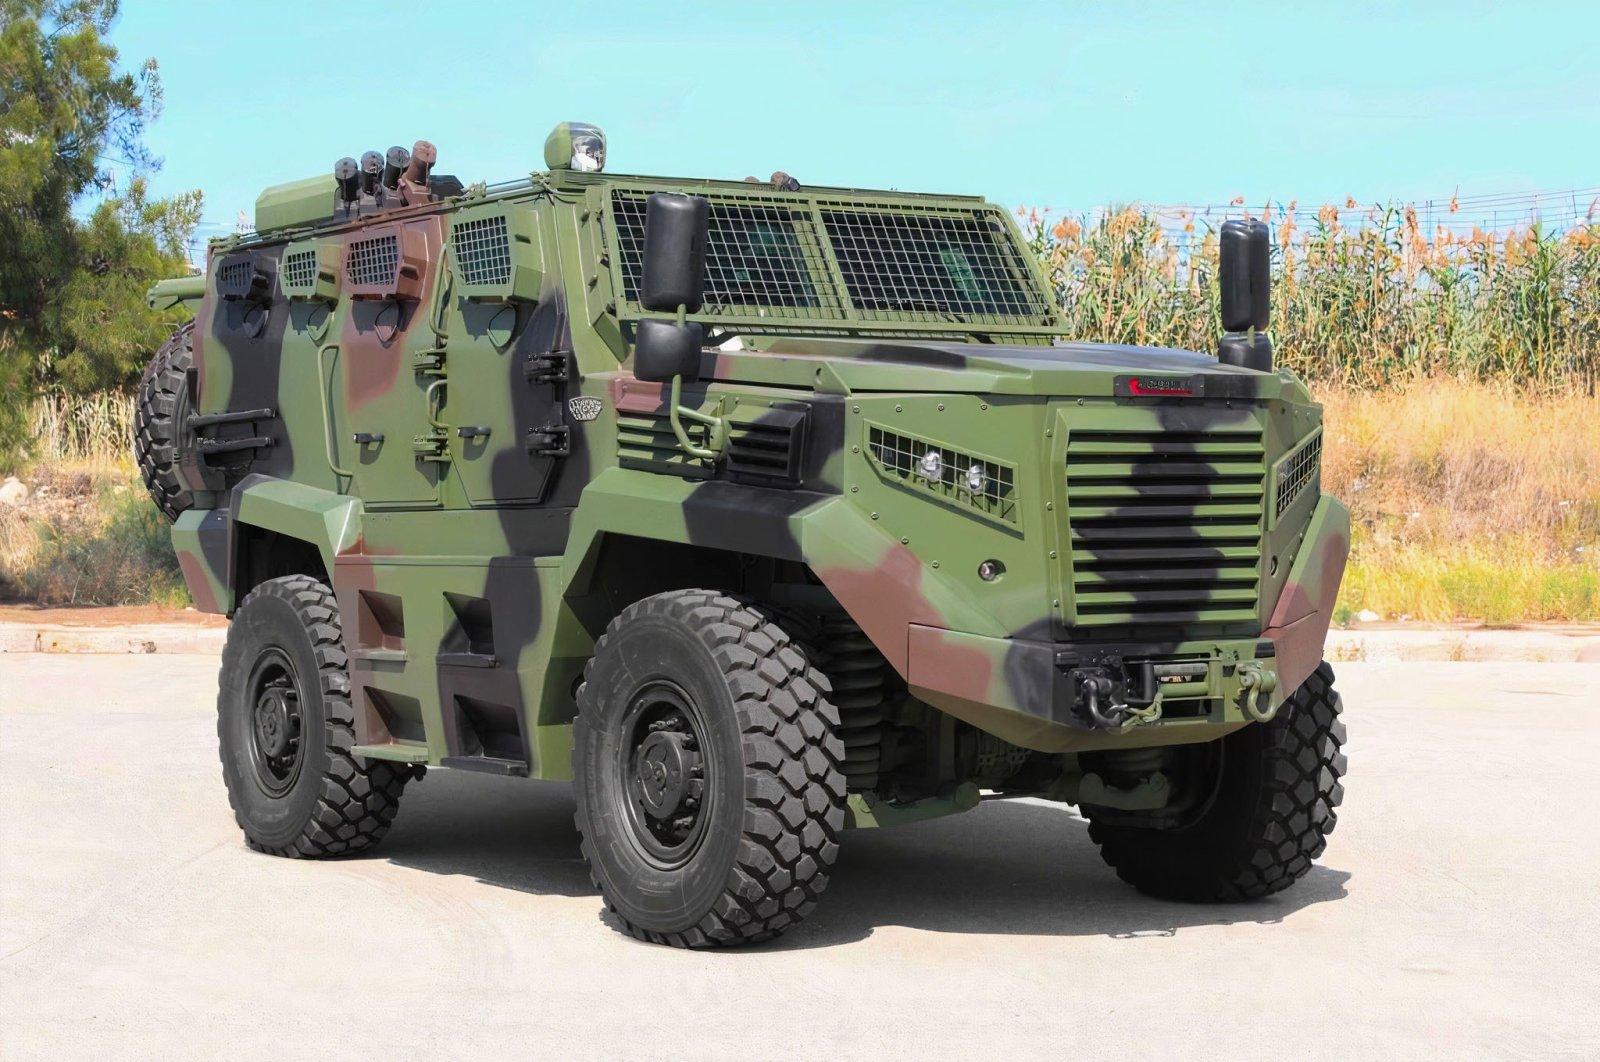 Katmerciler's Hızır combat vehicle seen on July 28, 2021. (Courtesy of Katmerciler)